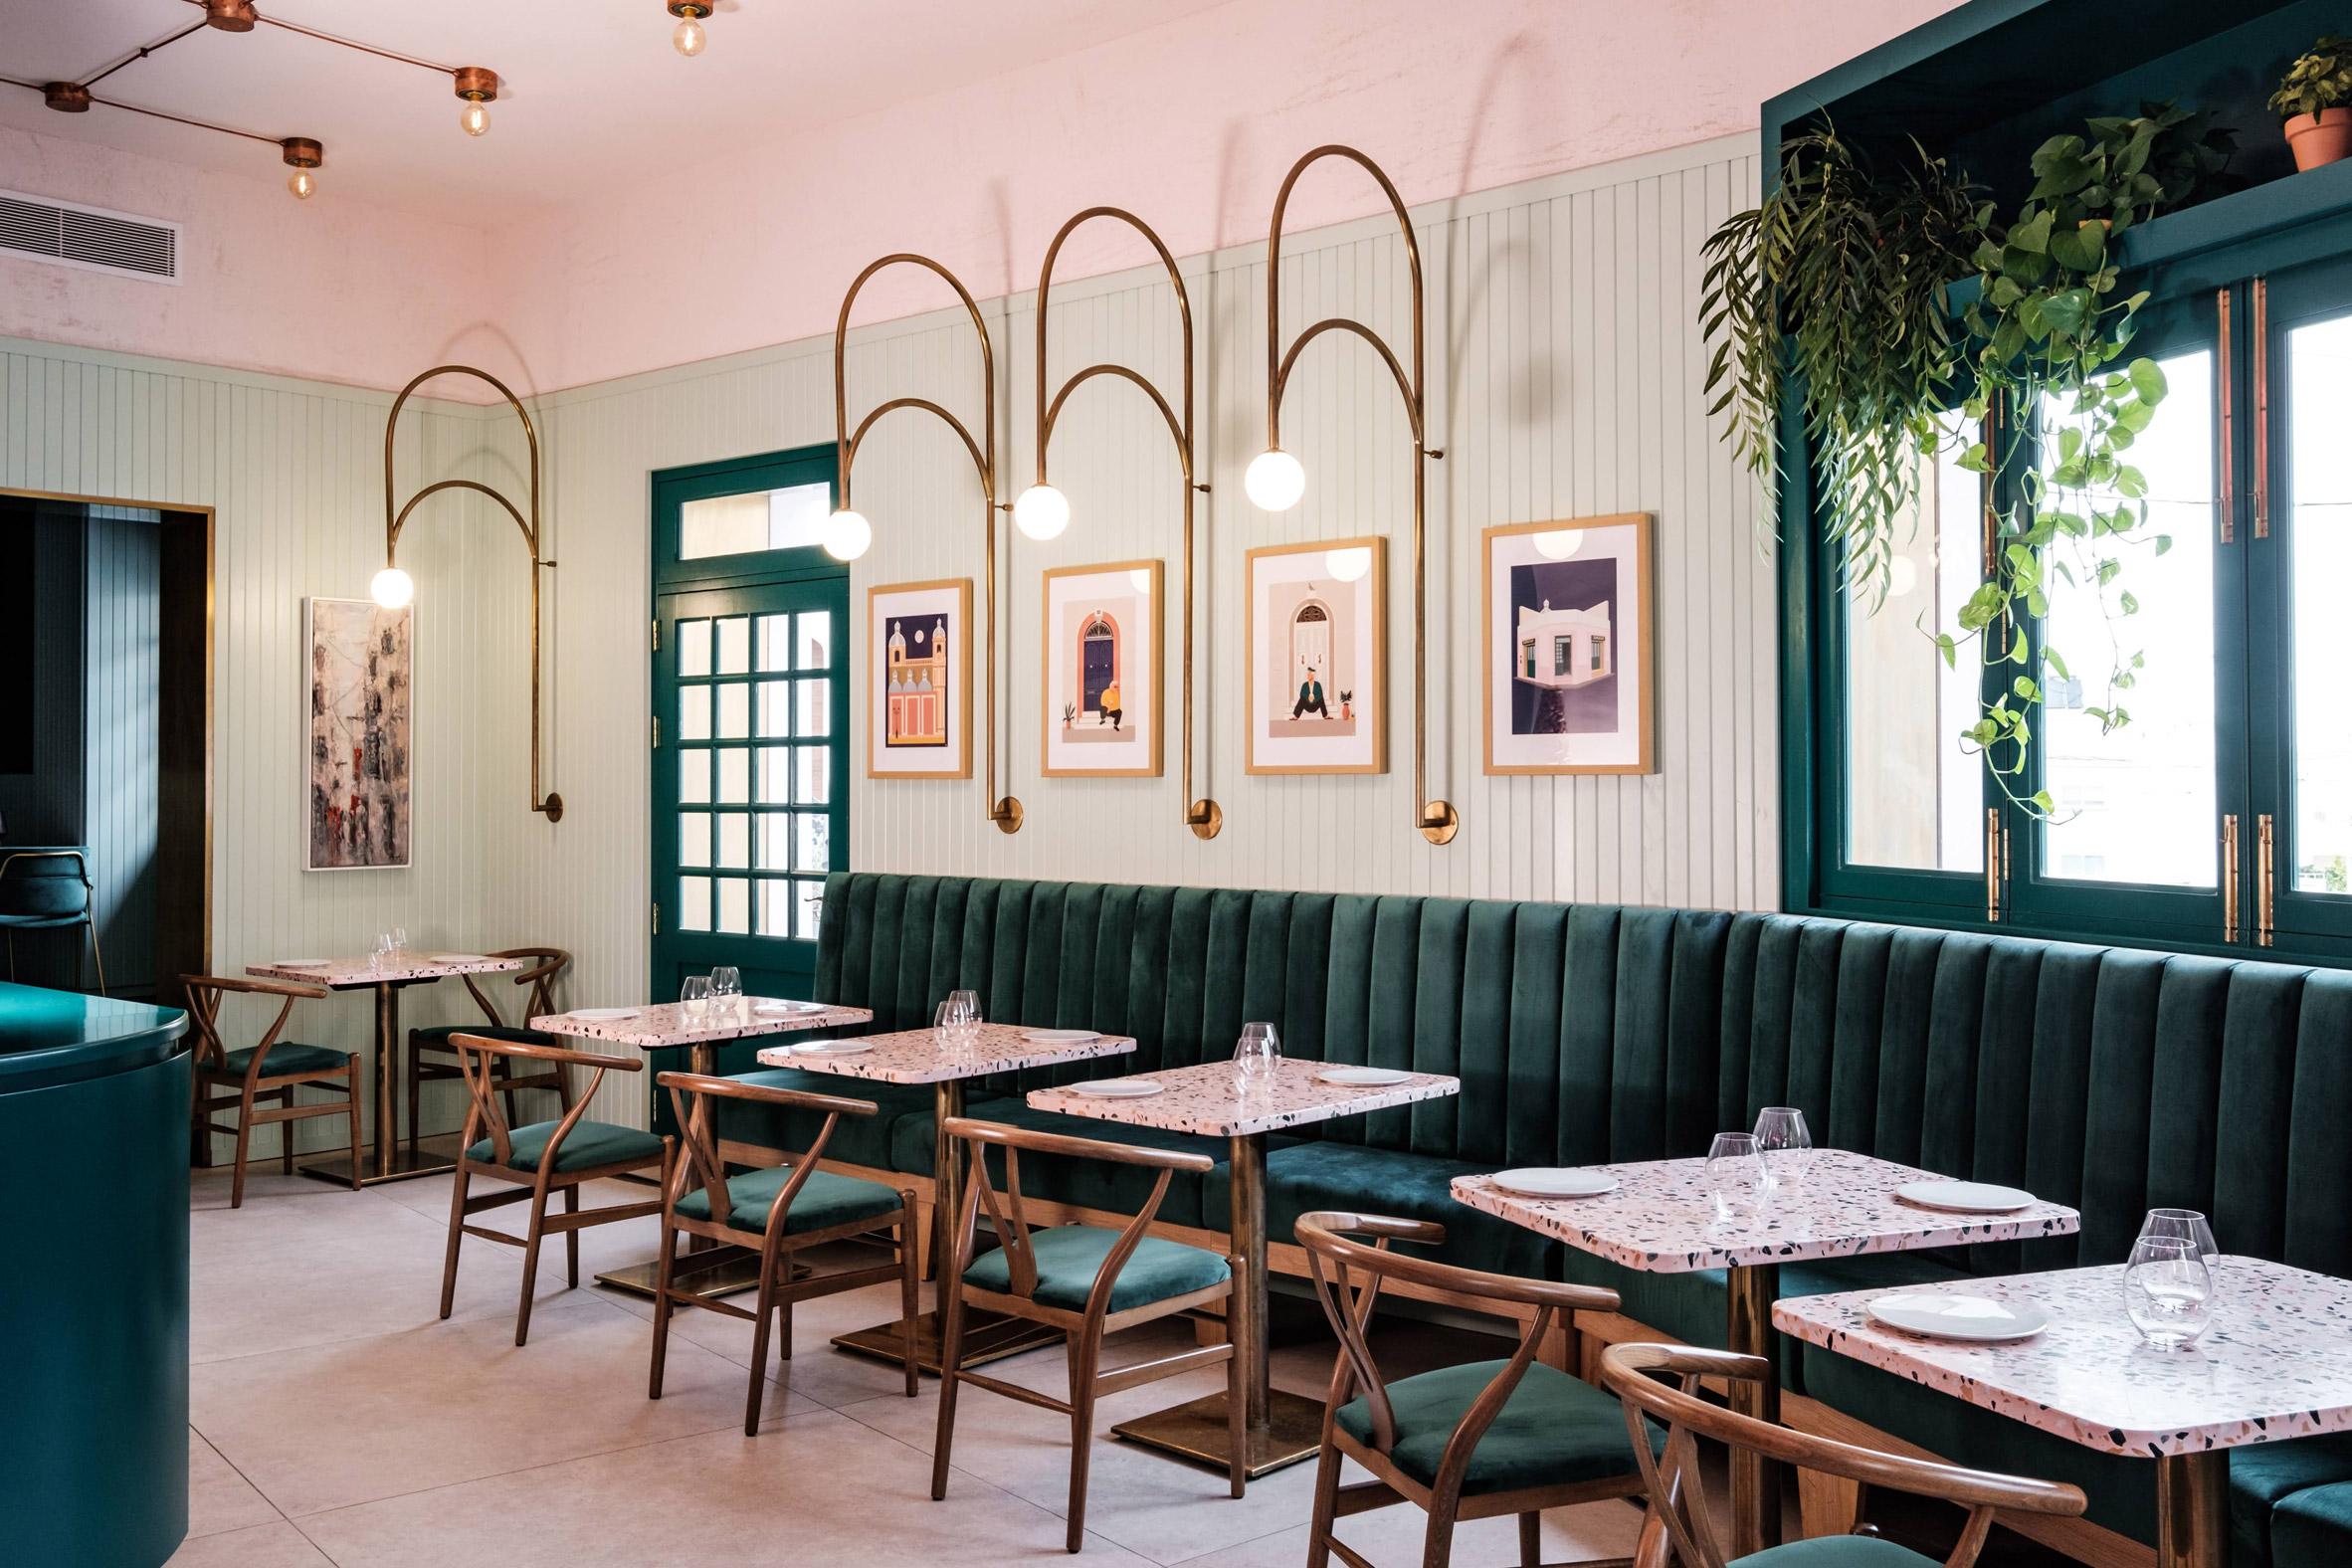 Green-velvet seating features in Malta's Barbajean restaurant